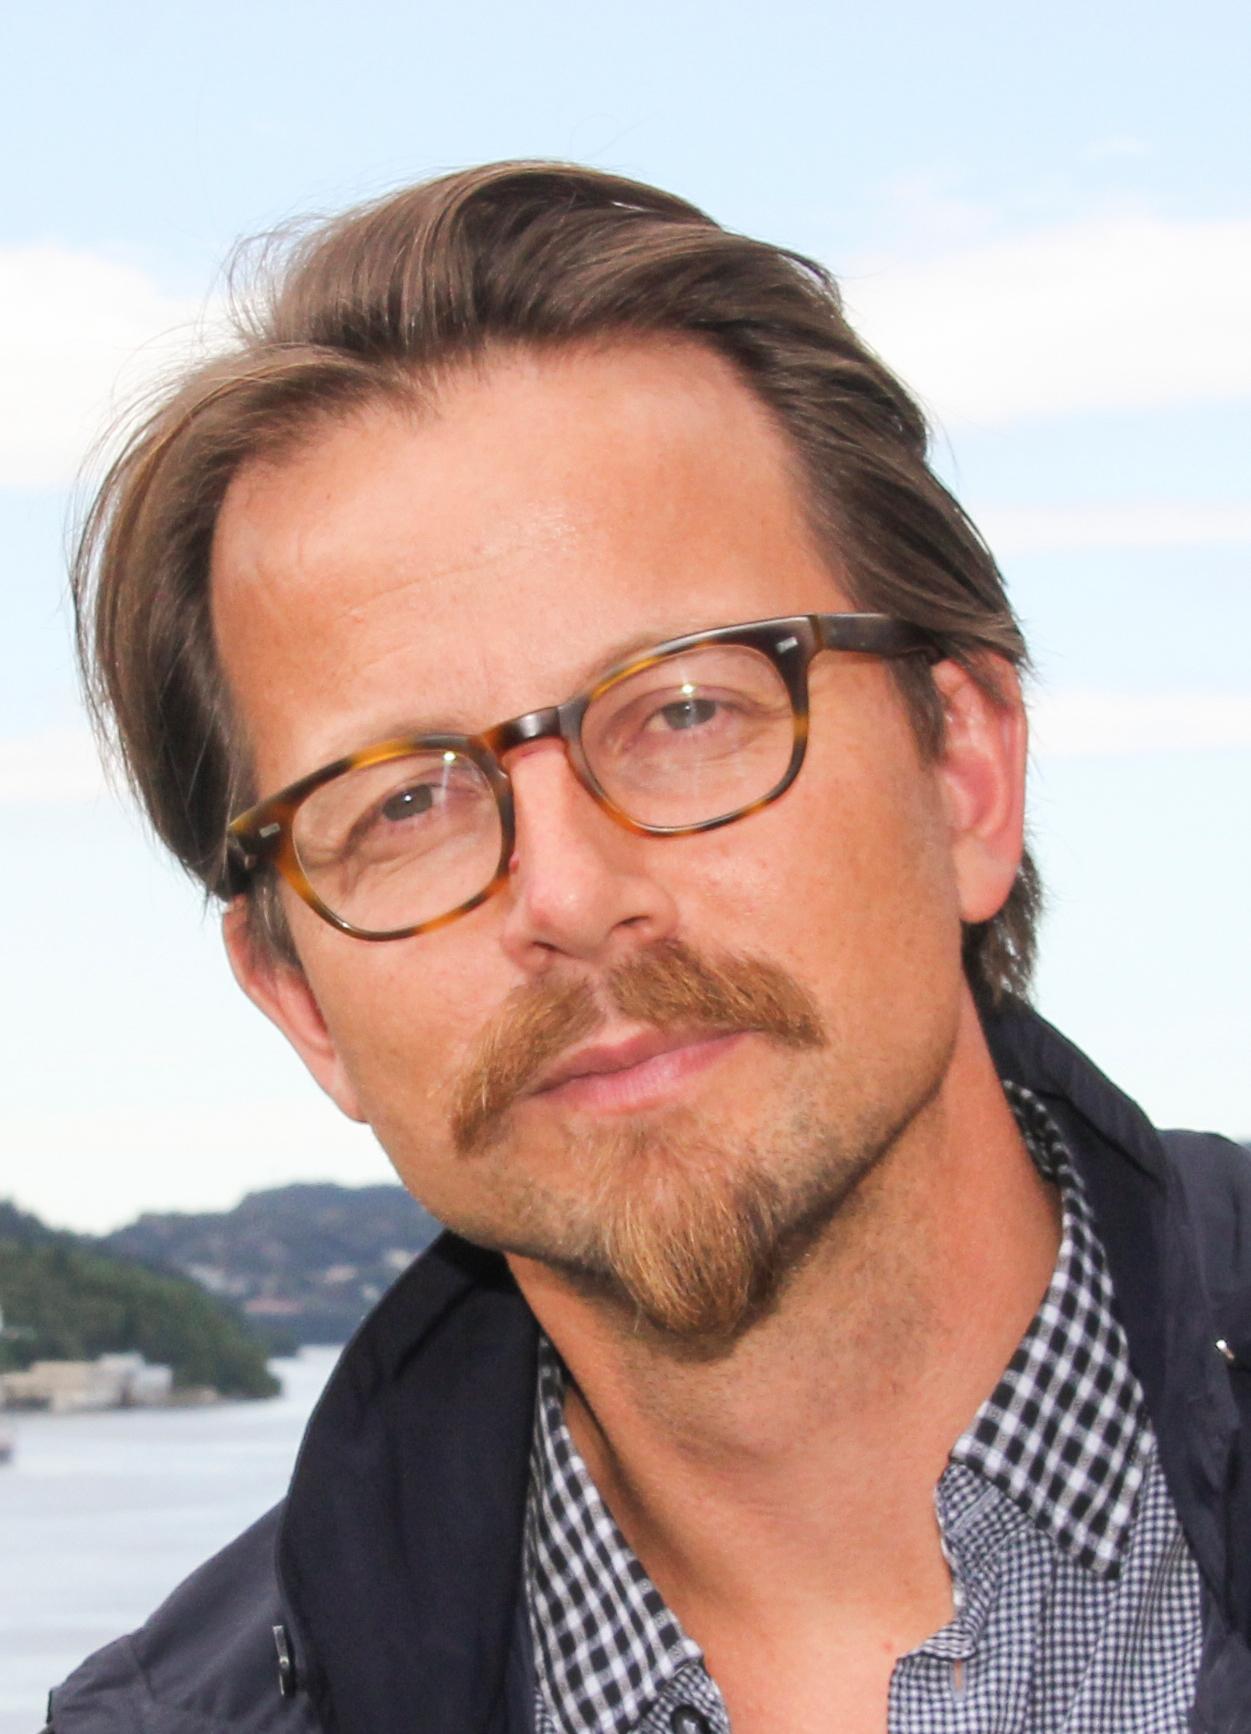 Øyvind Paasche